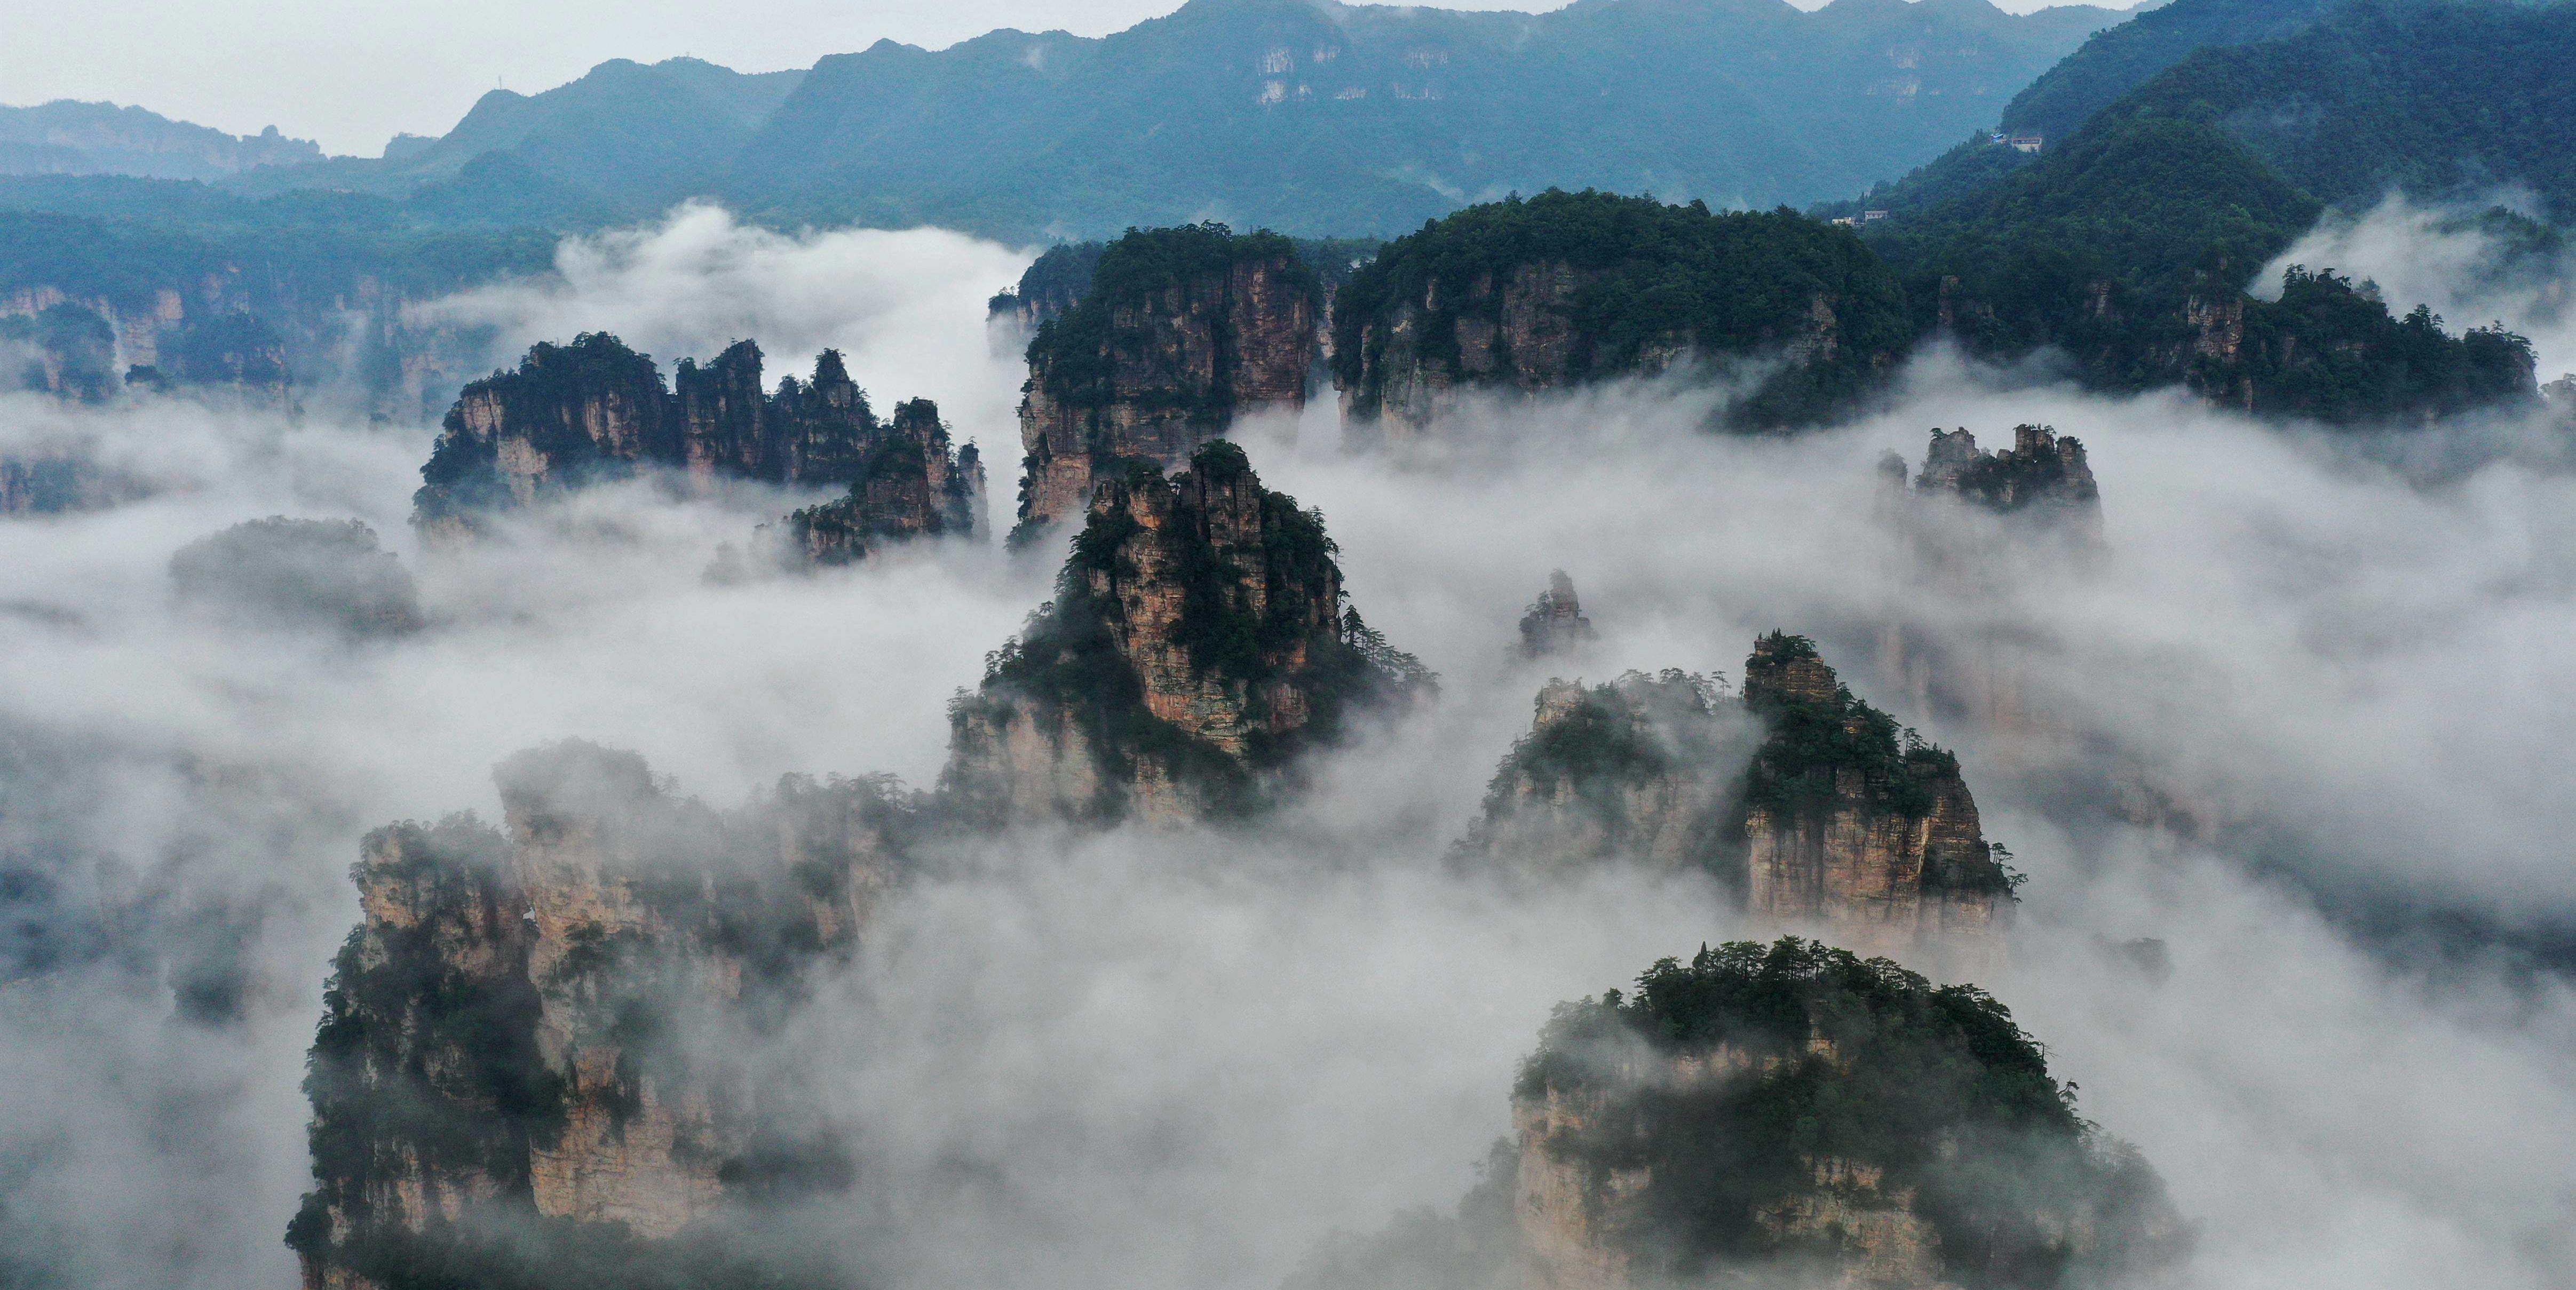 云雾萦绕峰林间